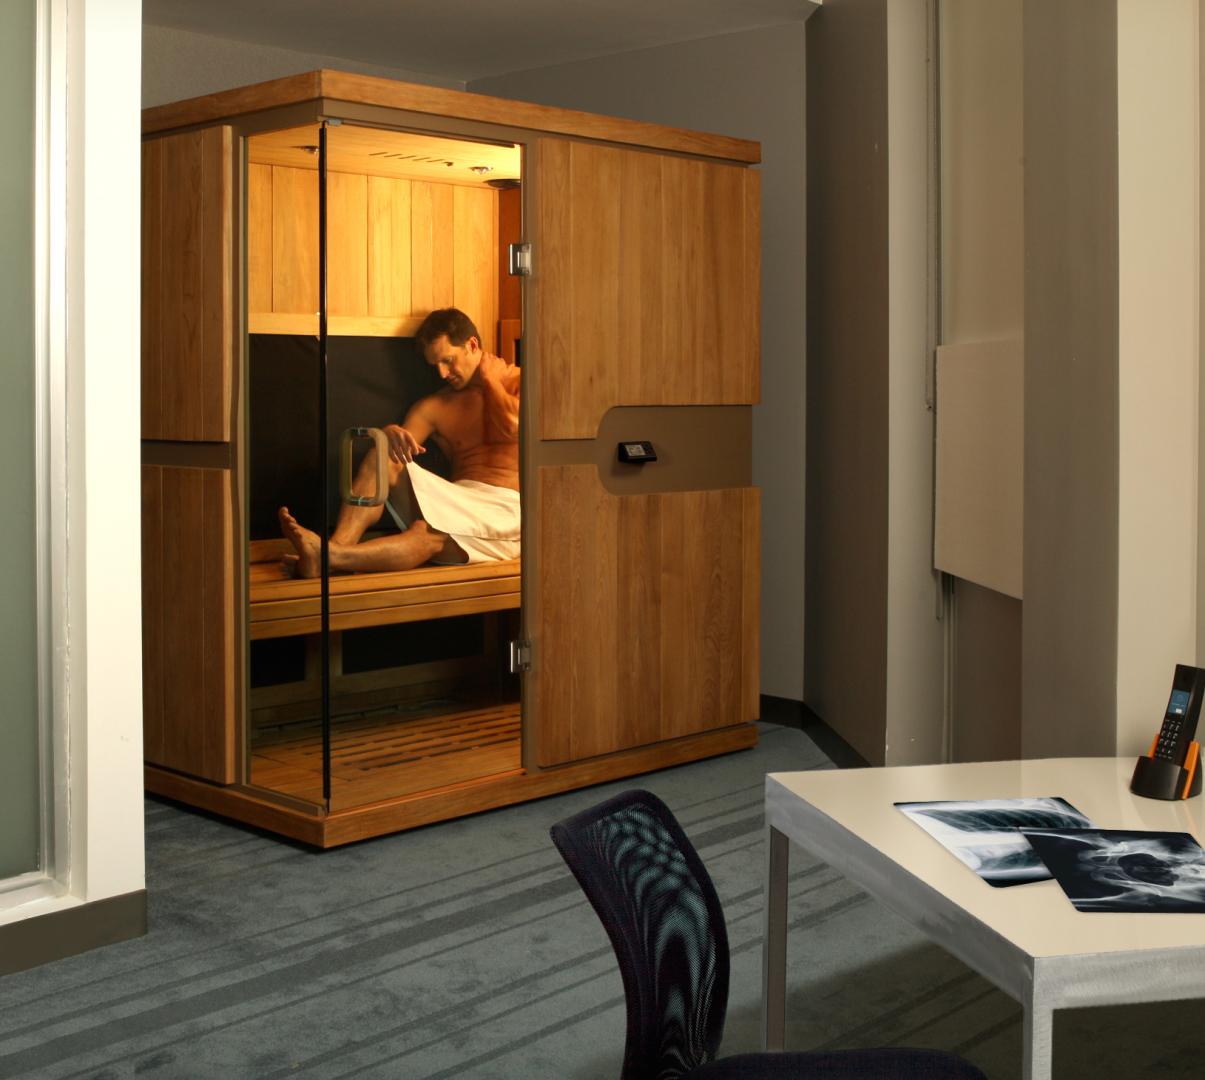 infraroodcabine sauna wellness pijn kopen. Black Bedroom Furniture Sets. Home Design Ideas